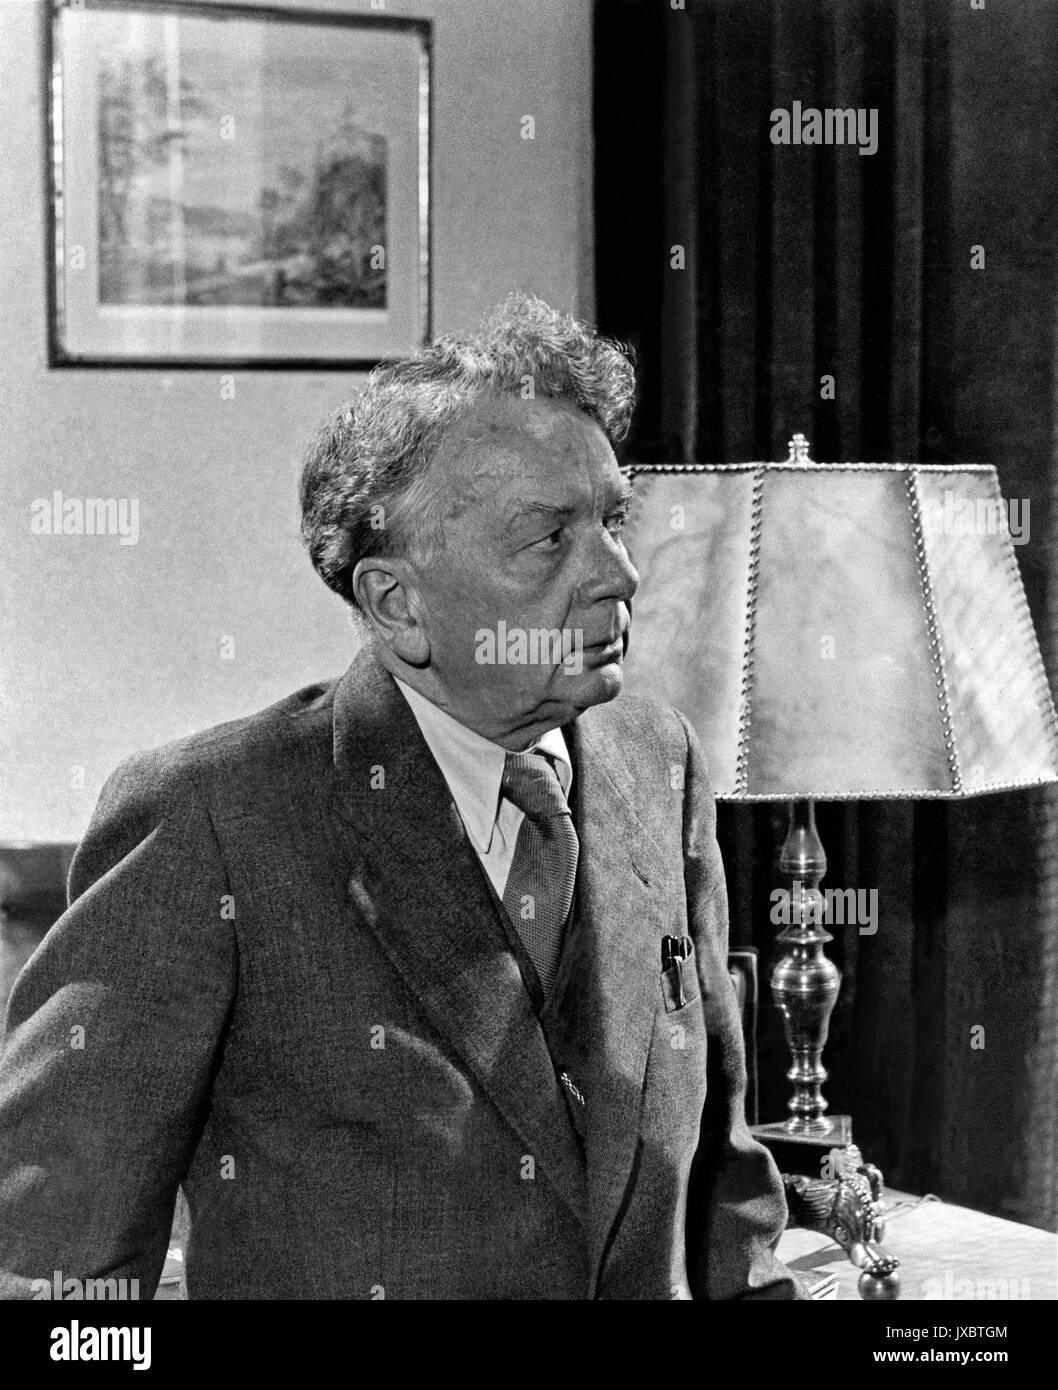 Haus des Lebens, Deutschland 1952, Regie: Karl Hartl, Darsteller: Erich Ponto - Stock Image